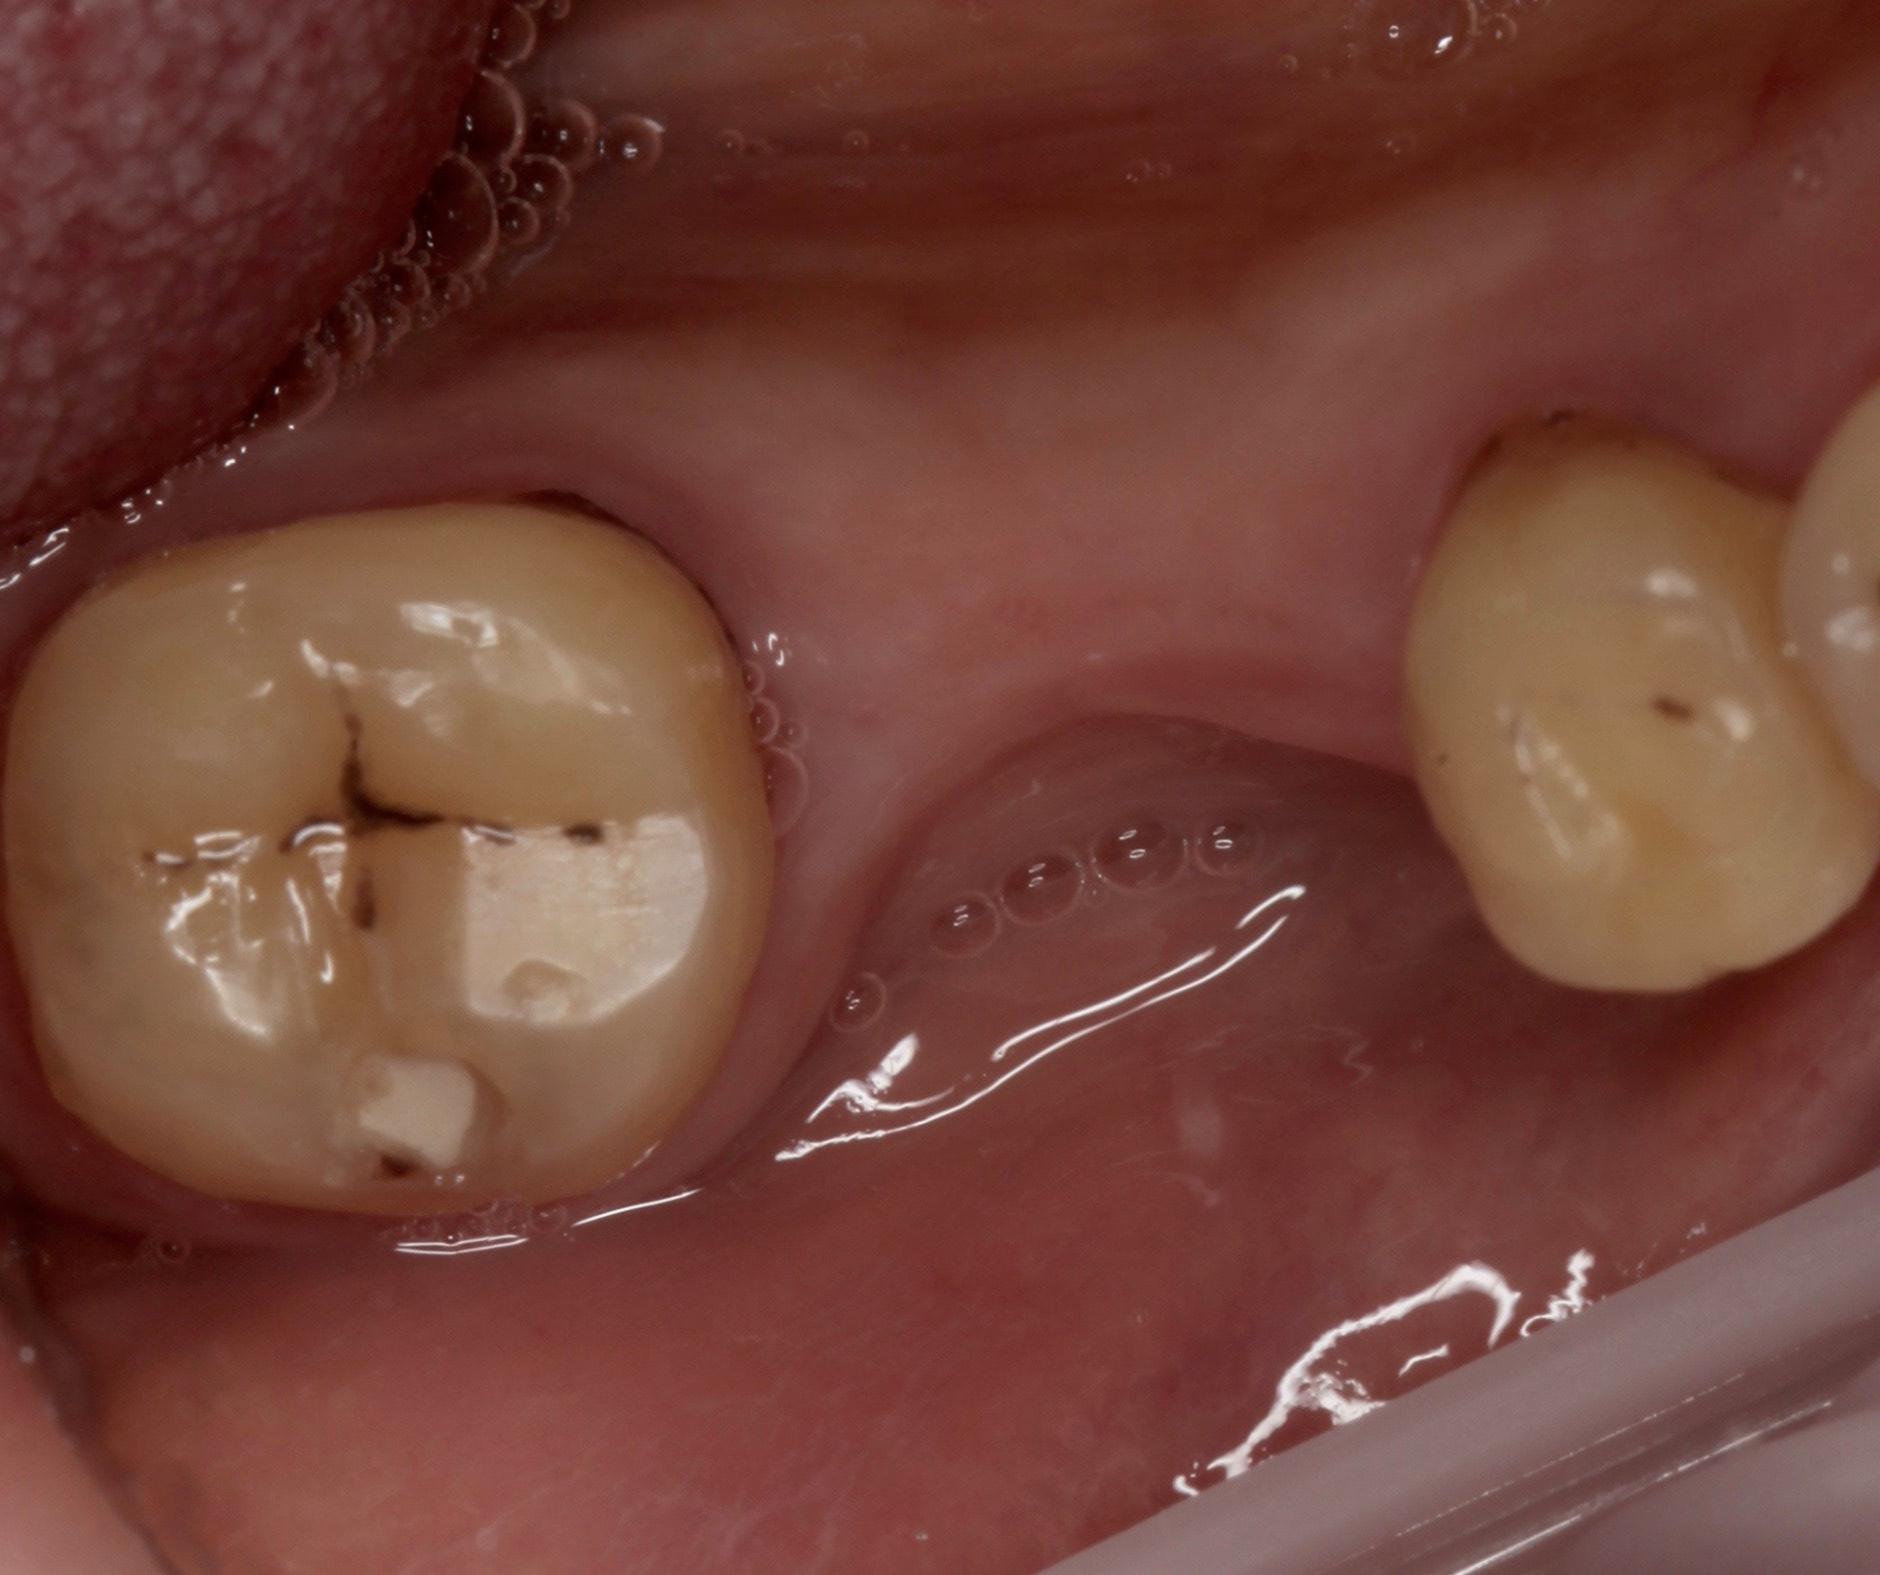 Зубы до протезирования